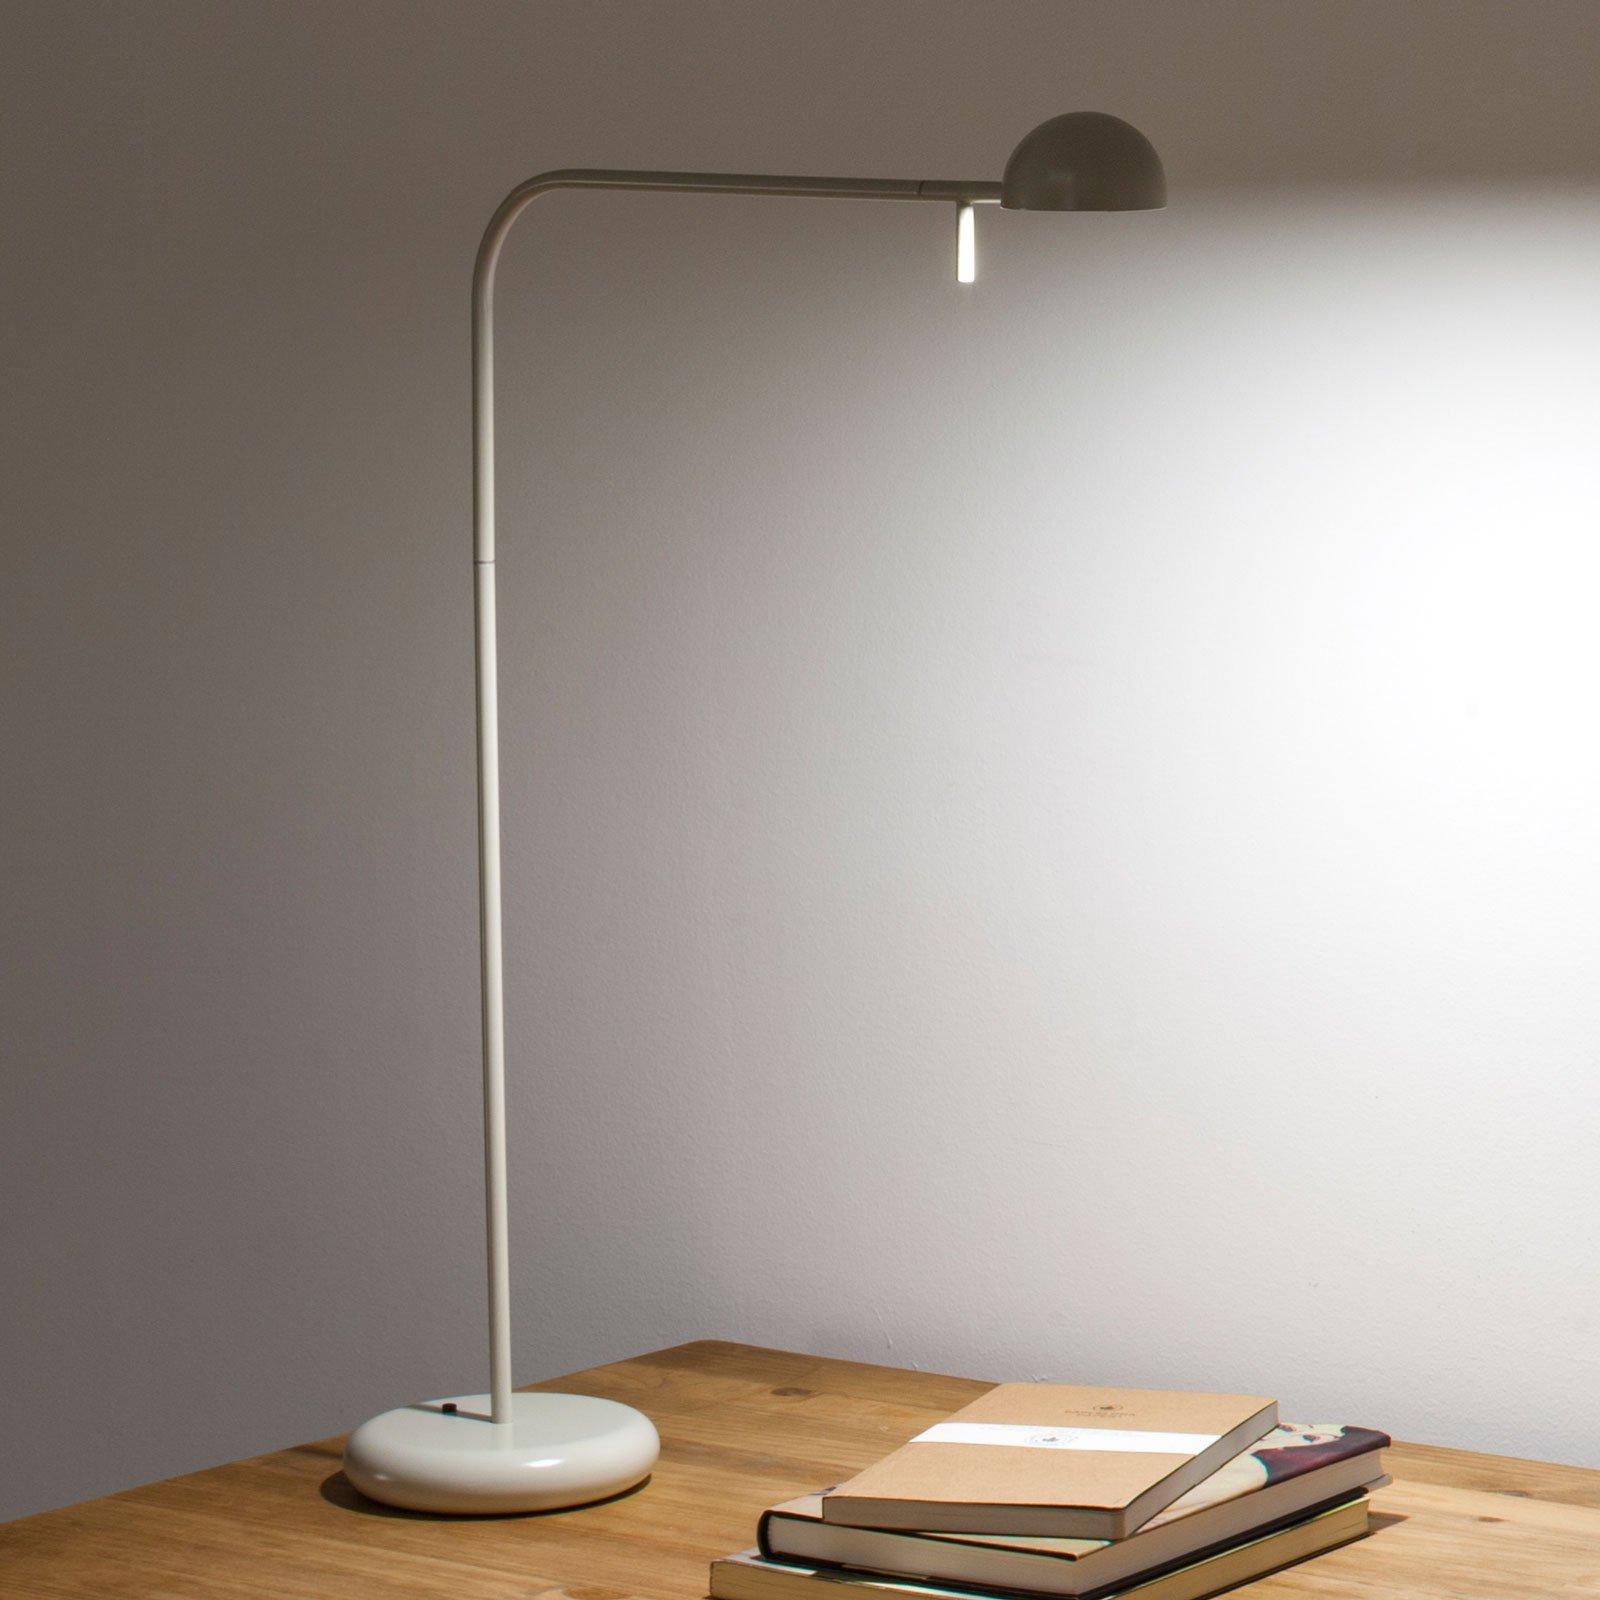 Vibia Pin 1655 LED-bordlampe, lengde 40 cm, hvit